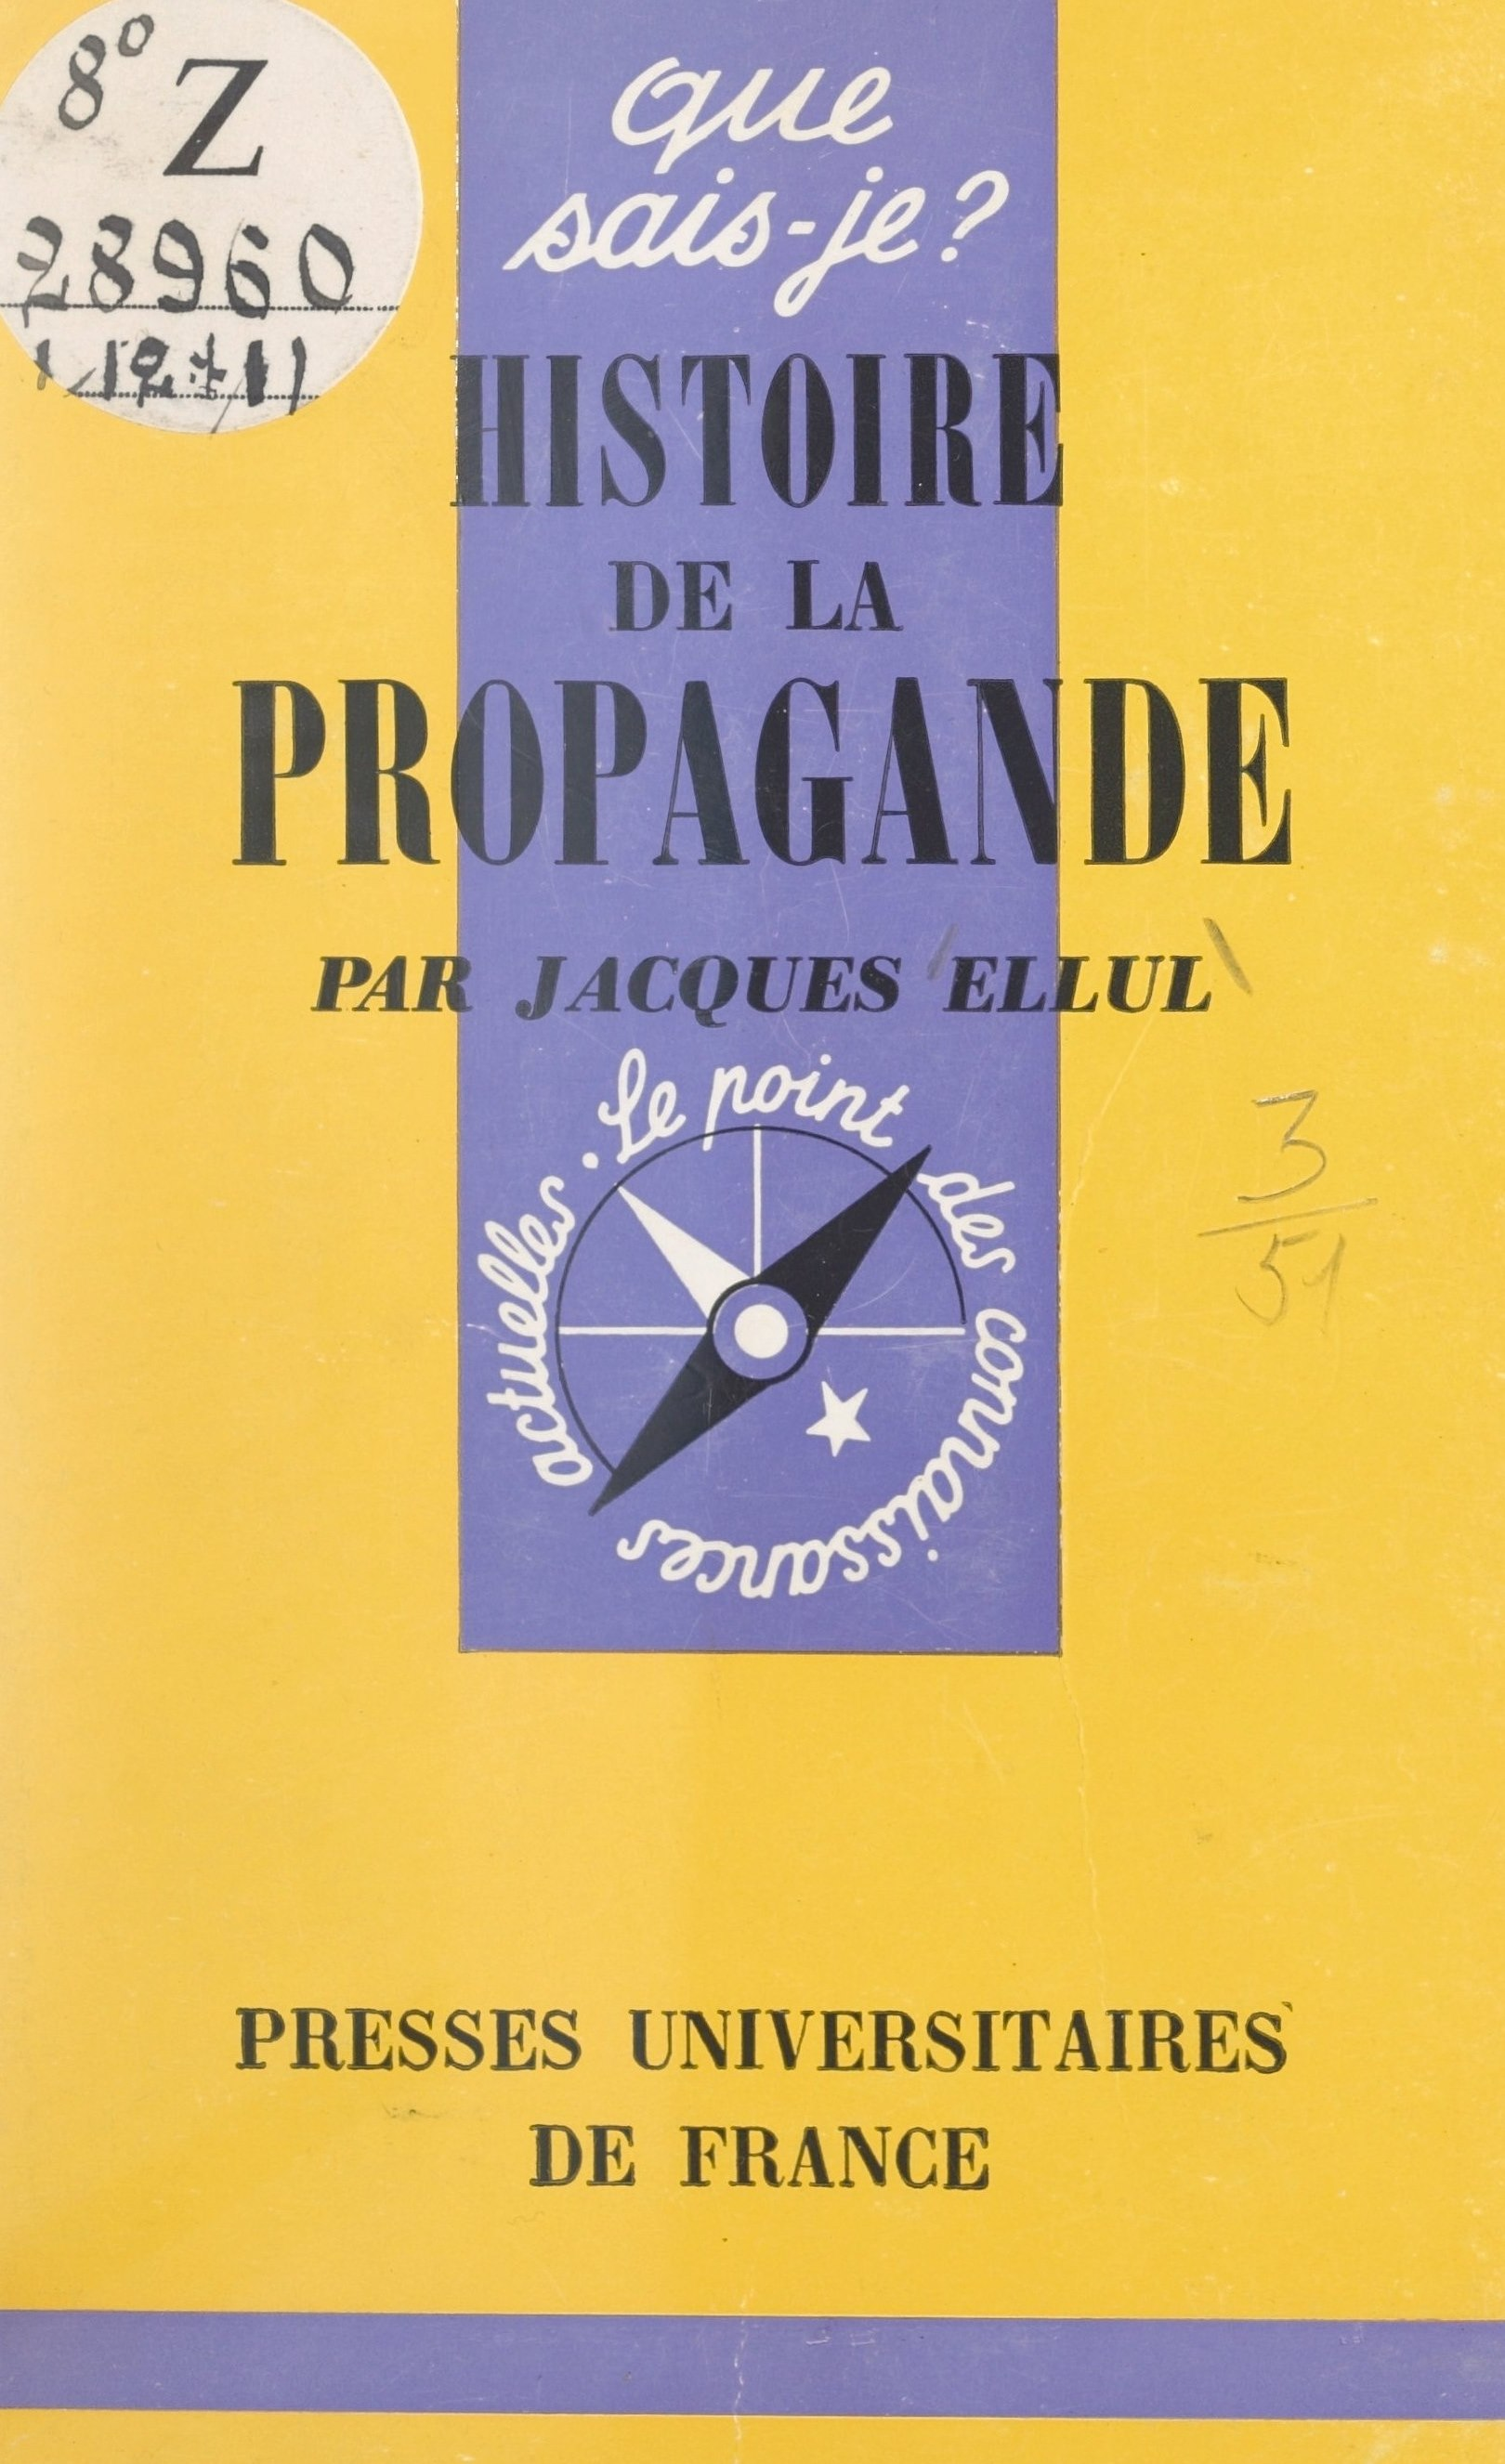 Histoire de la propagande